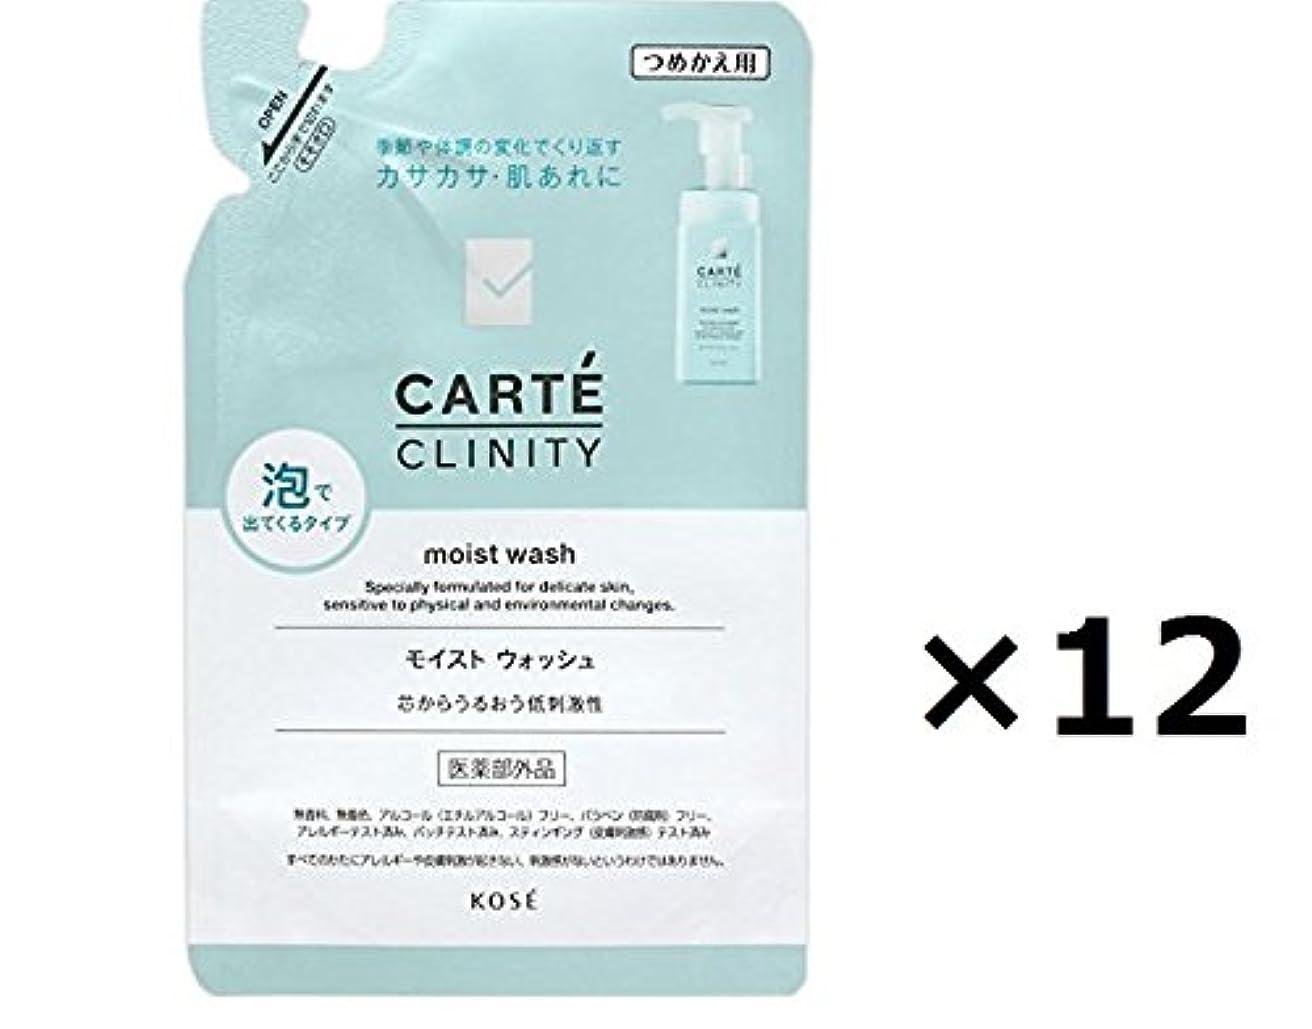 【12本セット】 [KOSE] カルテ クリニティ モイスト ウォッシュ 145ml レフィル (医薬部外品)